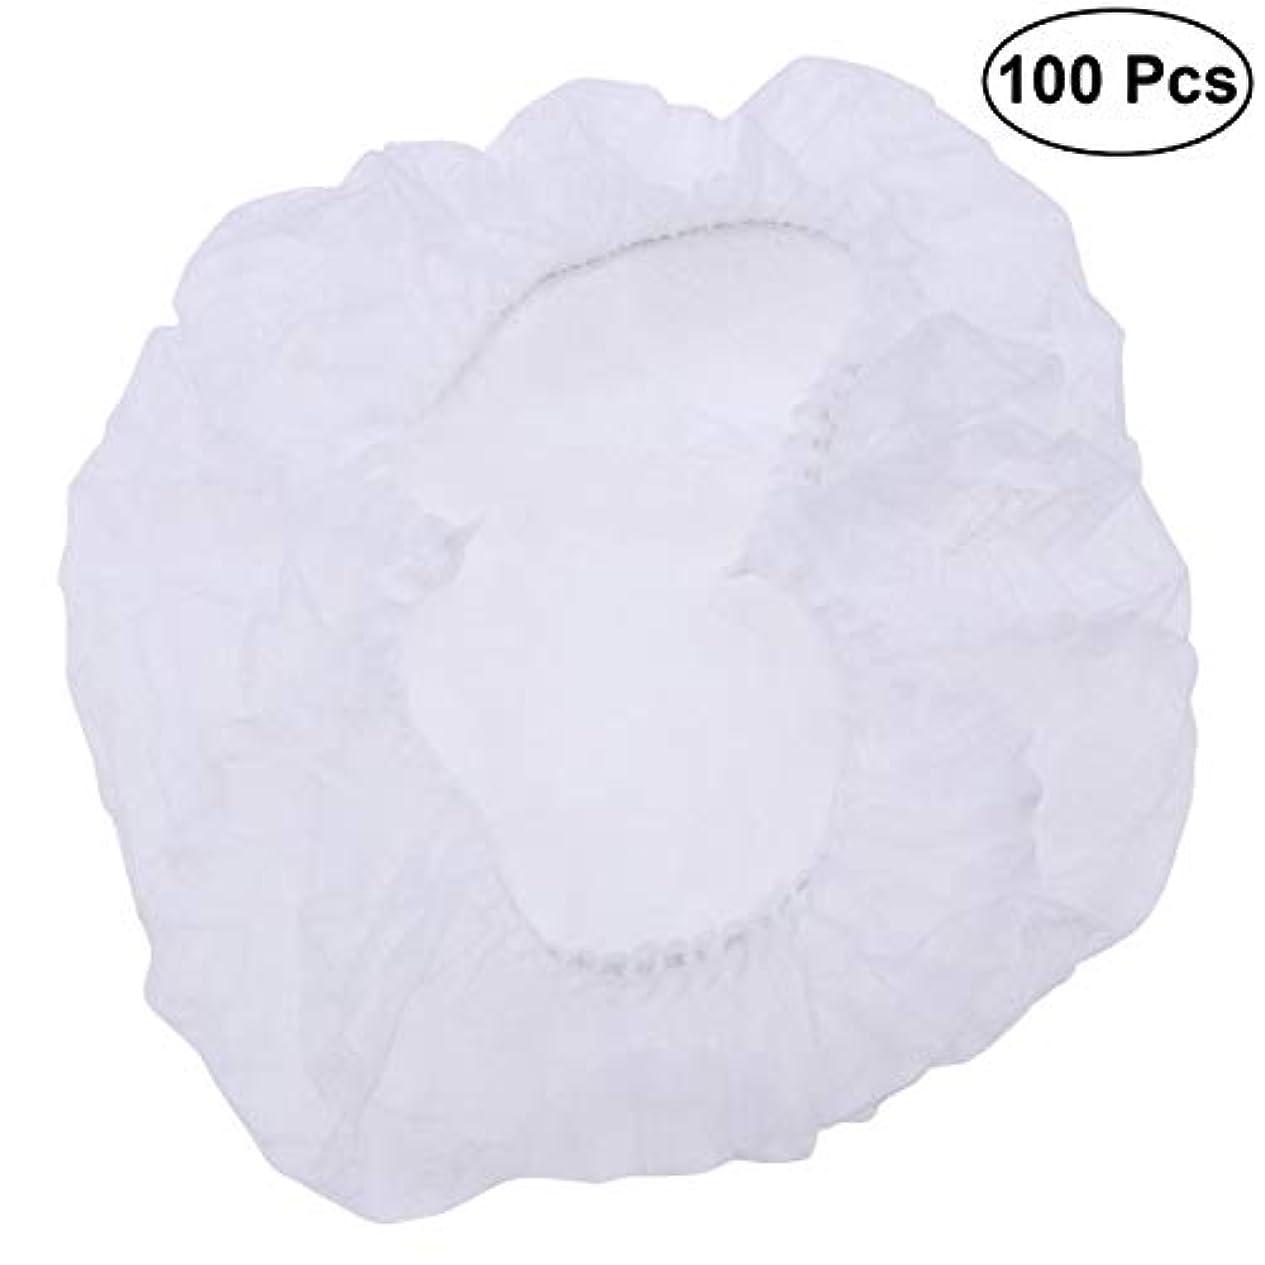 セミナー剛性絶壁SUPVOX ヘアサロンの家のホテル100pcsのための使い捨て可能なシャワーキャップの伸縮性がある毛の帽子